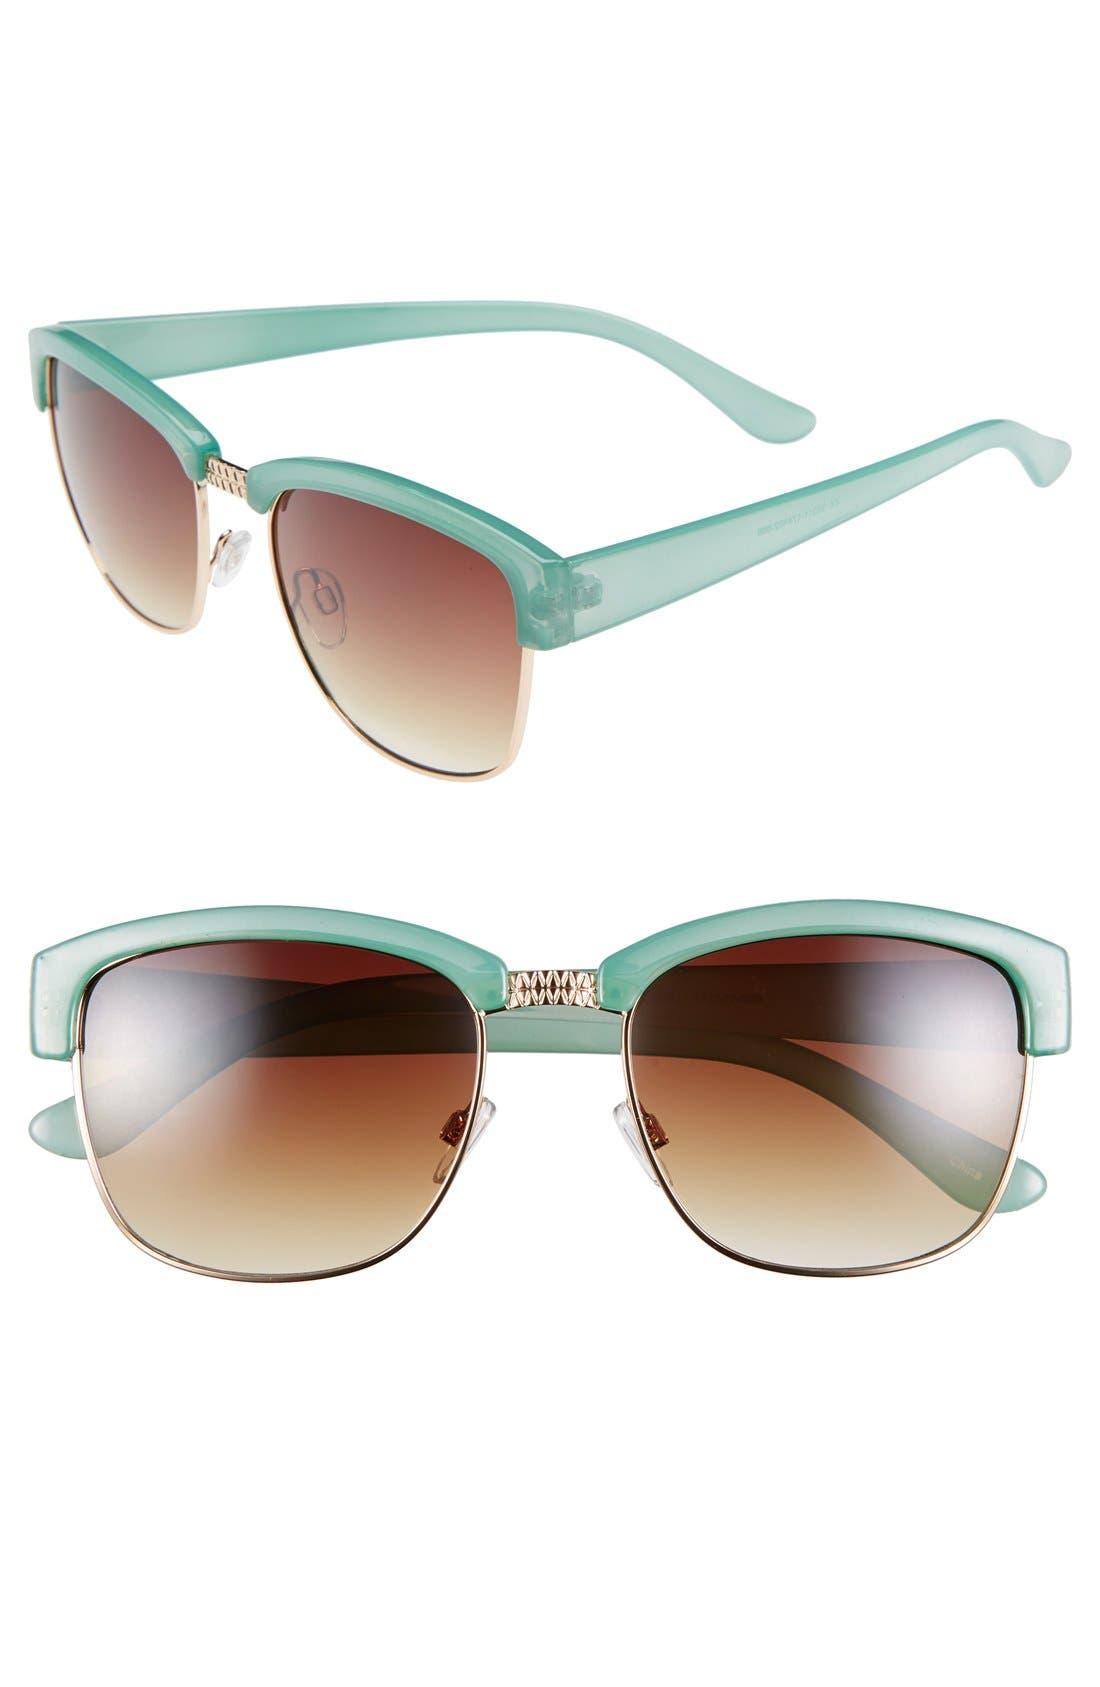 60mm Retro Sunglasses,                         Main,                         color, Gold/ Green